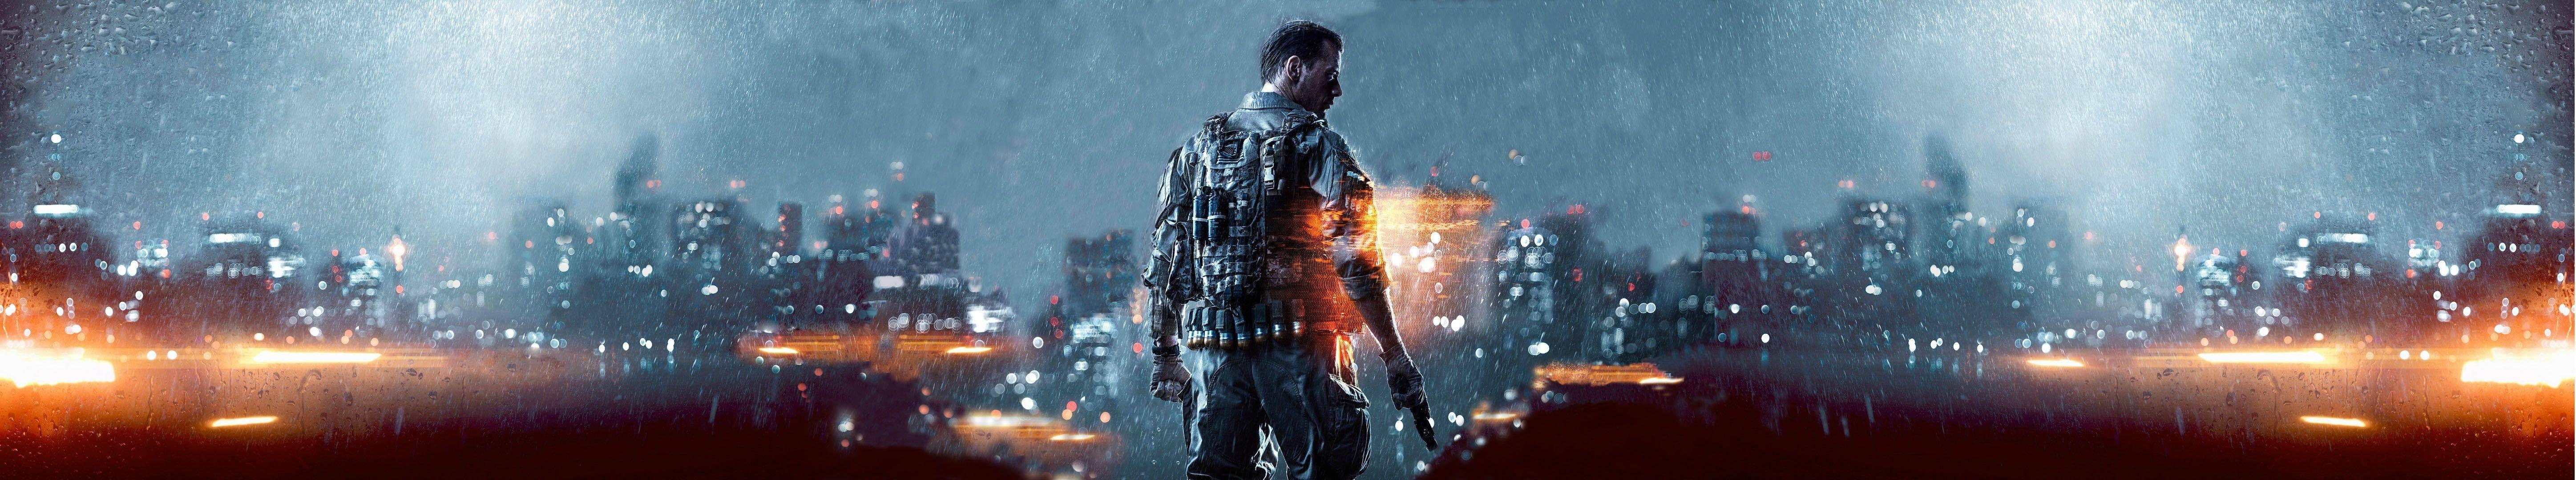 5760x1080] Battlefield 4 Triple screen wallpaper